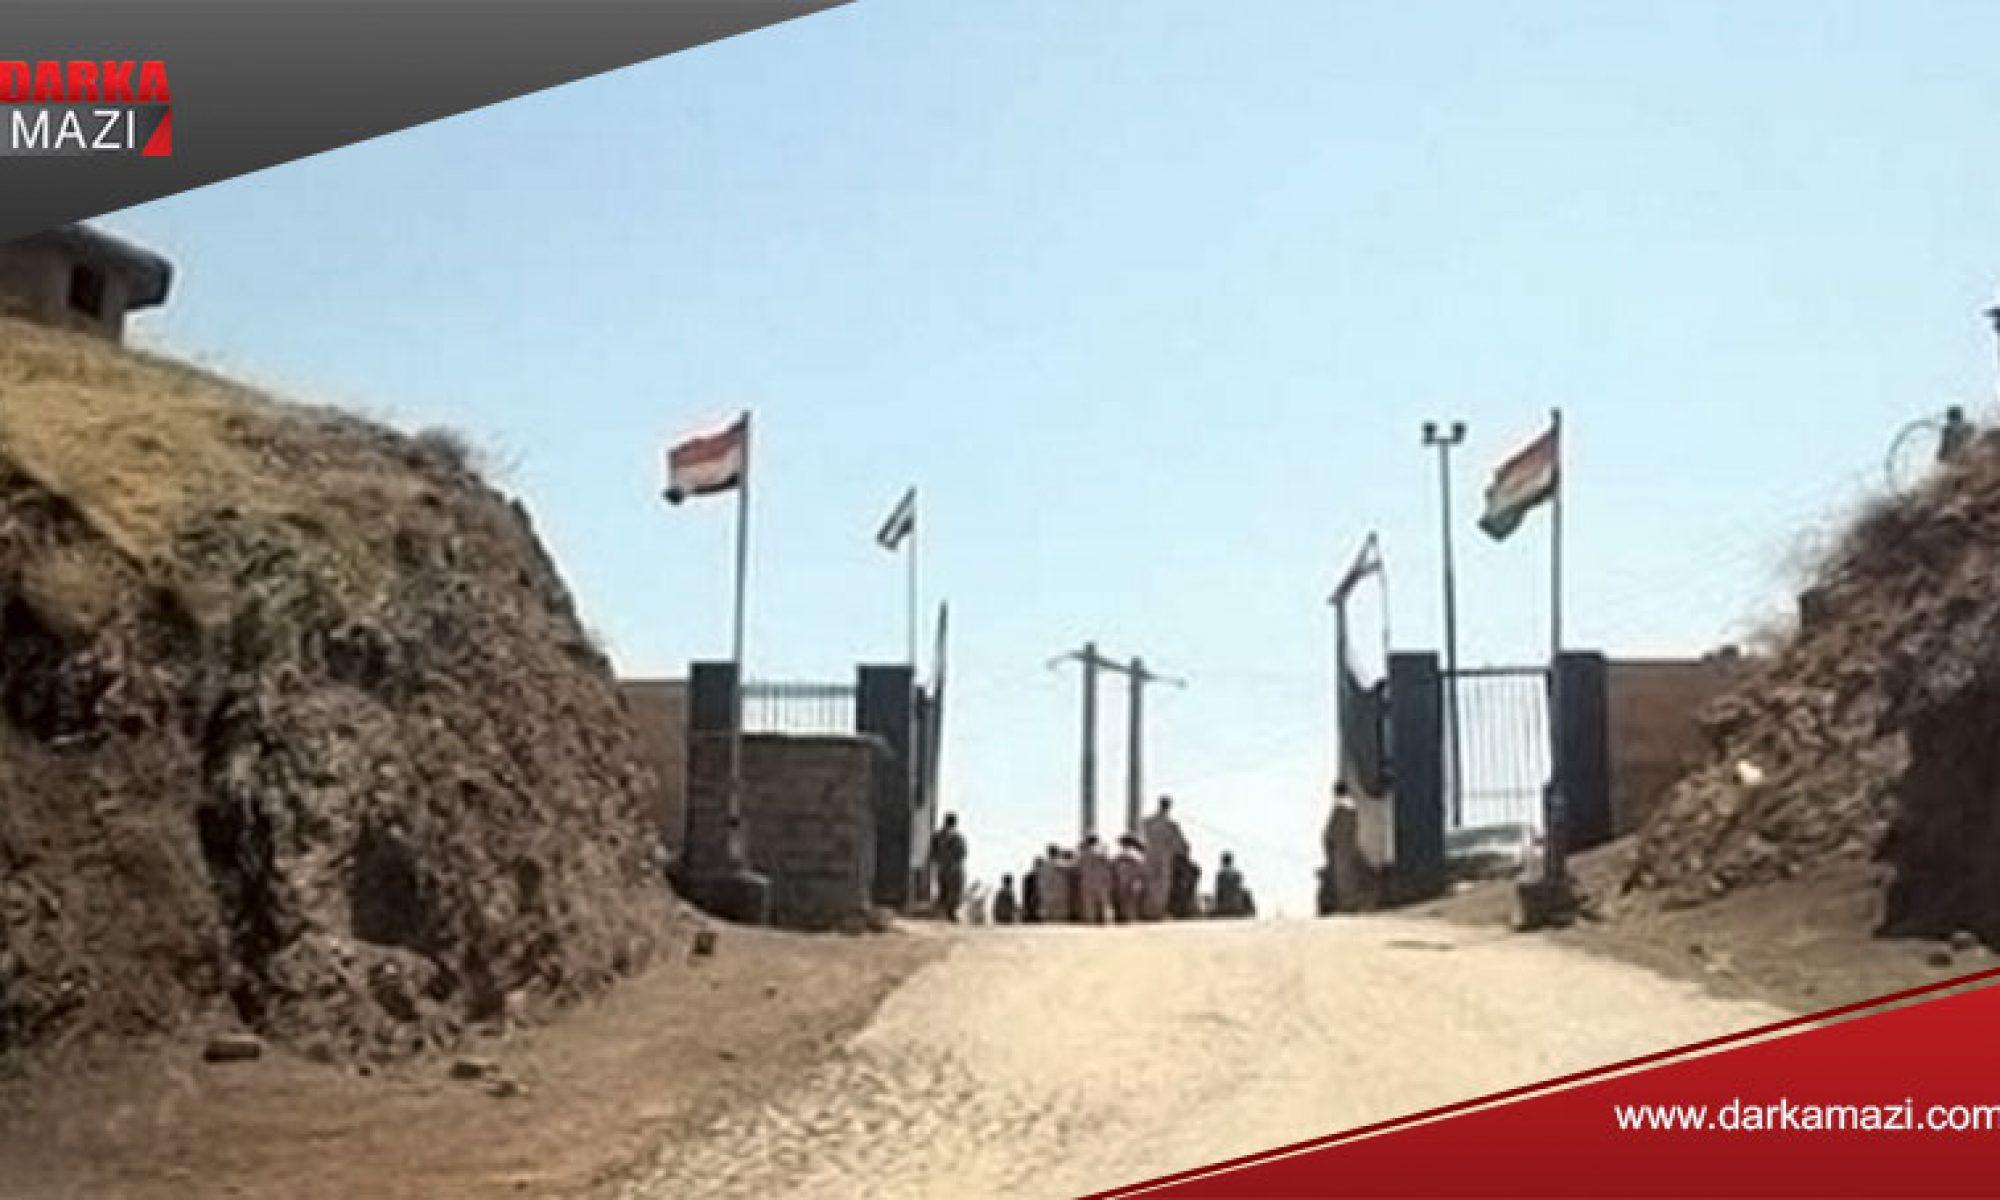 İran'dan Irak'a sınır kapılarının resmileştirilmesi talebi